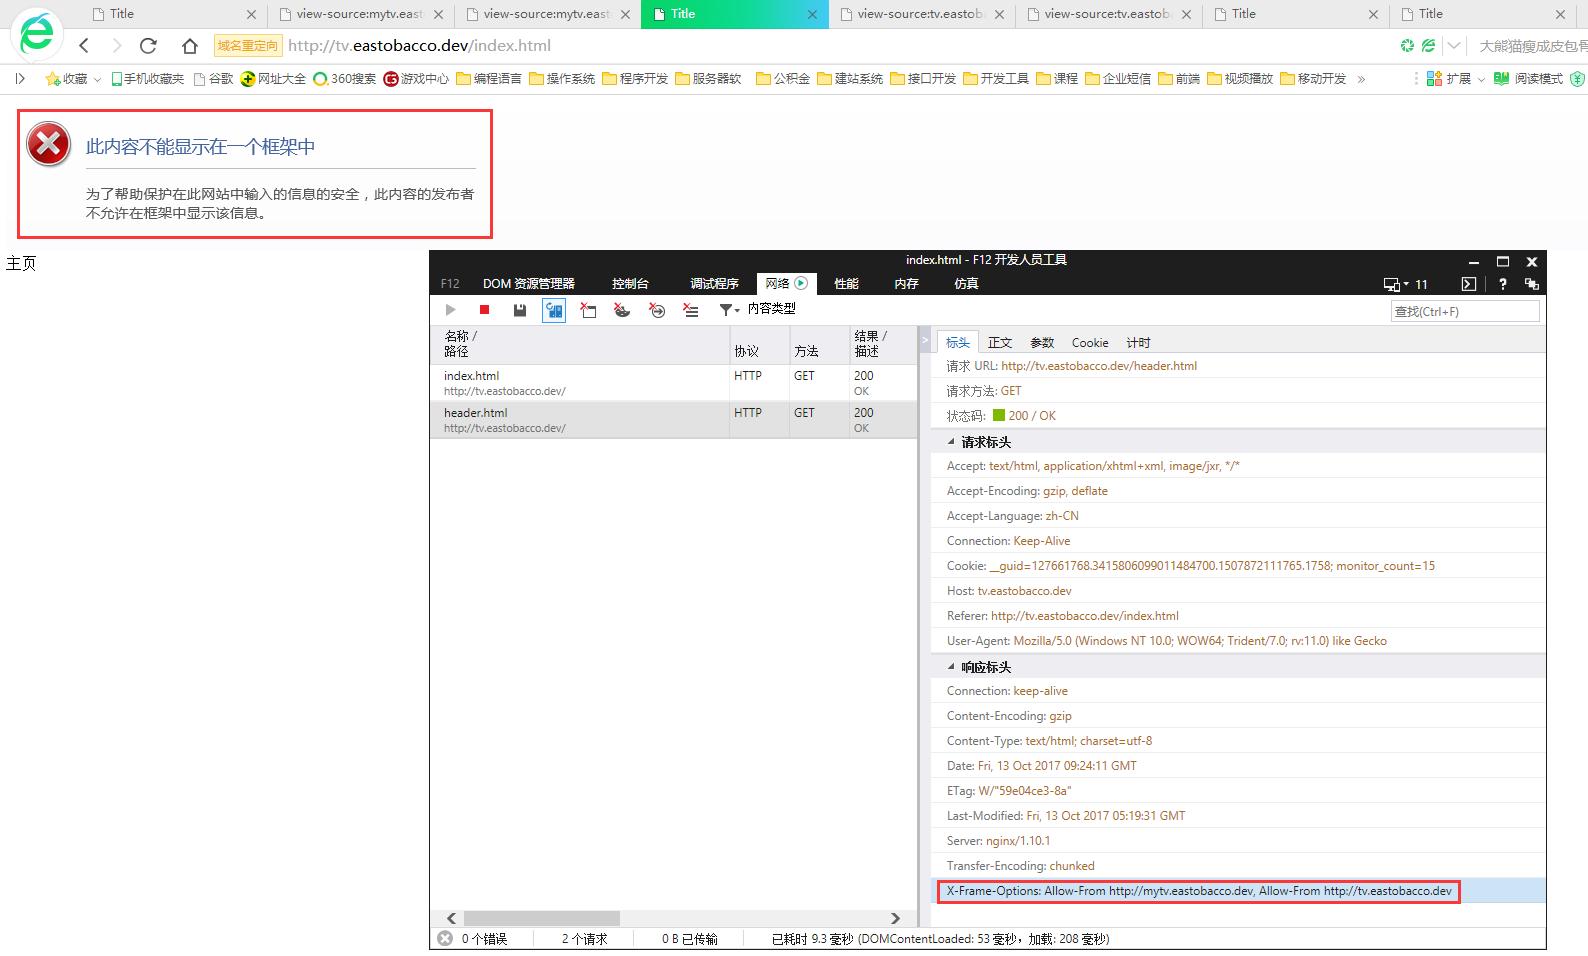 重复第9步骤,发现header.html在tv域名下无法展示,不符合预期